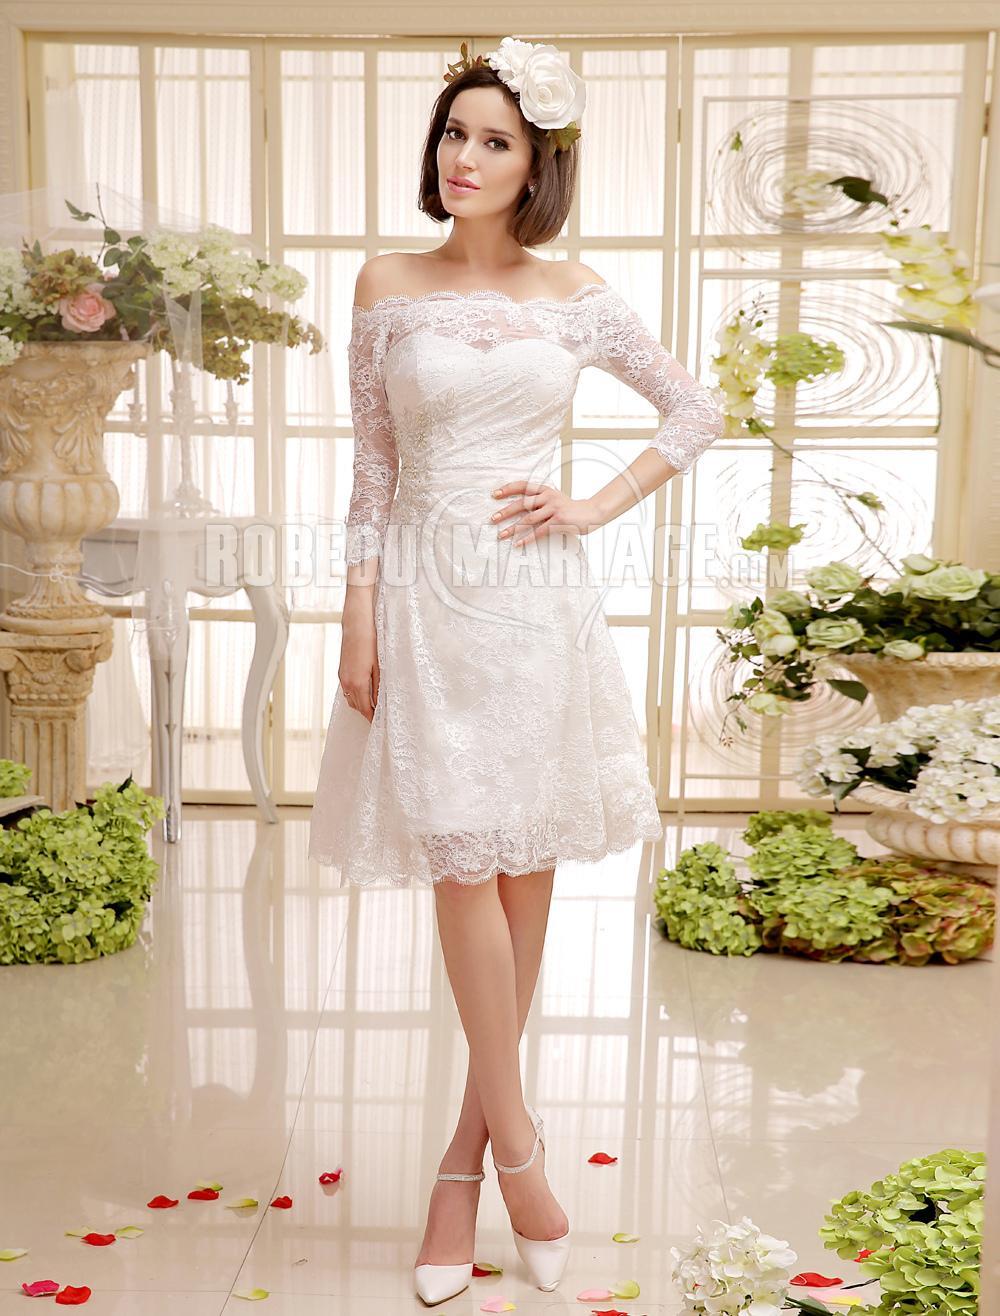 comment choisir la robe pour un mariage civil blog of. Black Bedroom Furniture Sets. Home Design Ideas